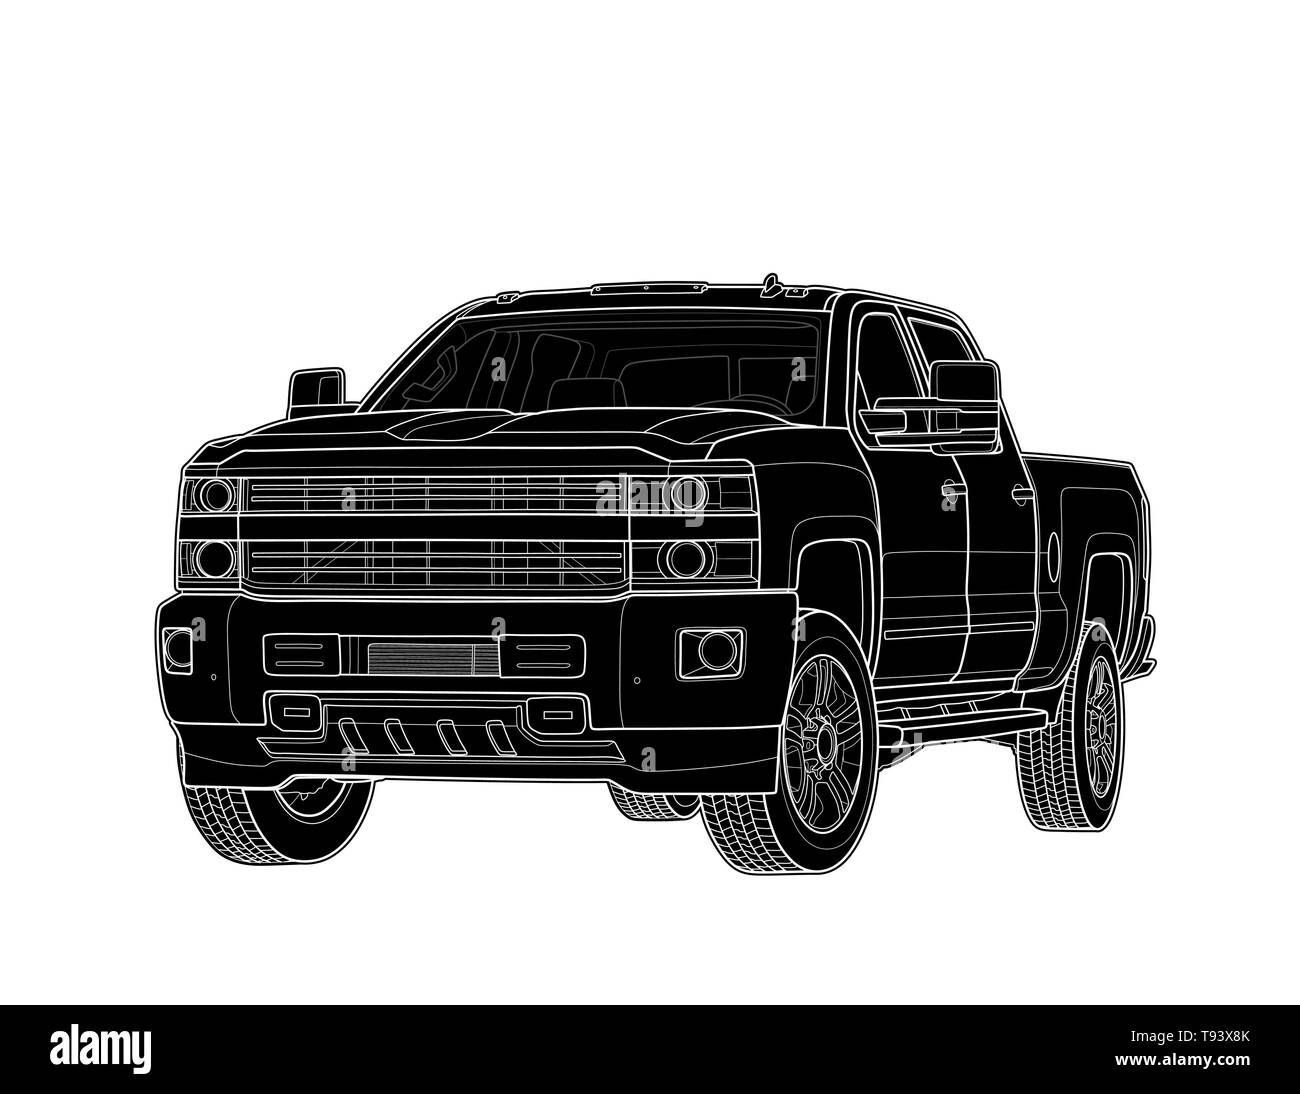 Camioneta Dibujar Vectores Aislado En Blanco Ilustración Del